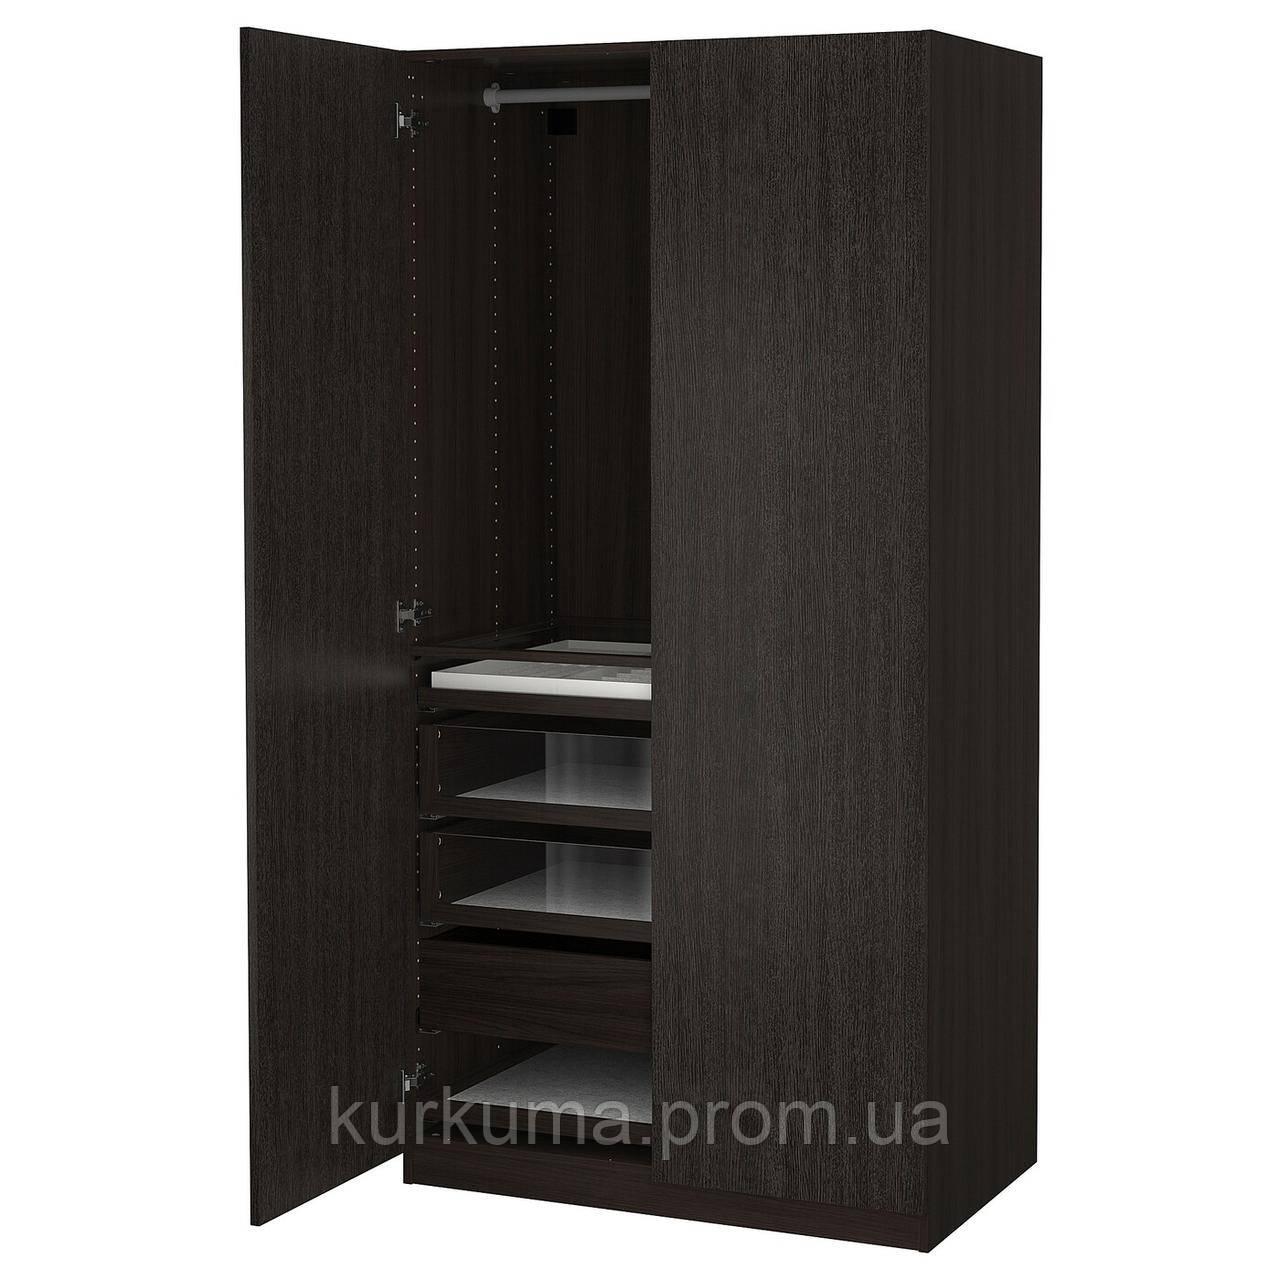 IKEA PAX / FORSAND Шкаф, черный коричневый, имитация пчелиного тимьяна, (993.249.39)